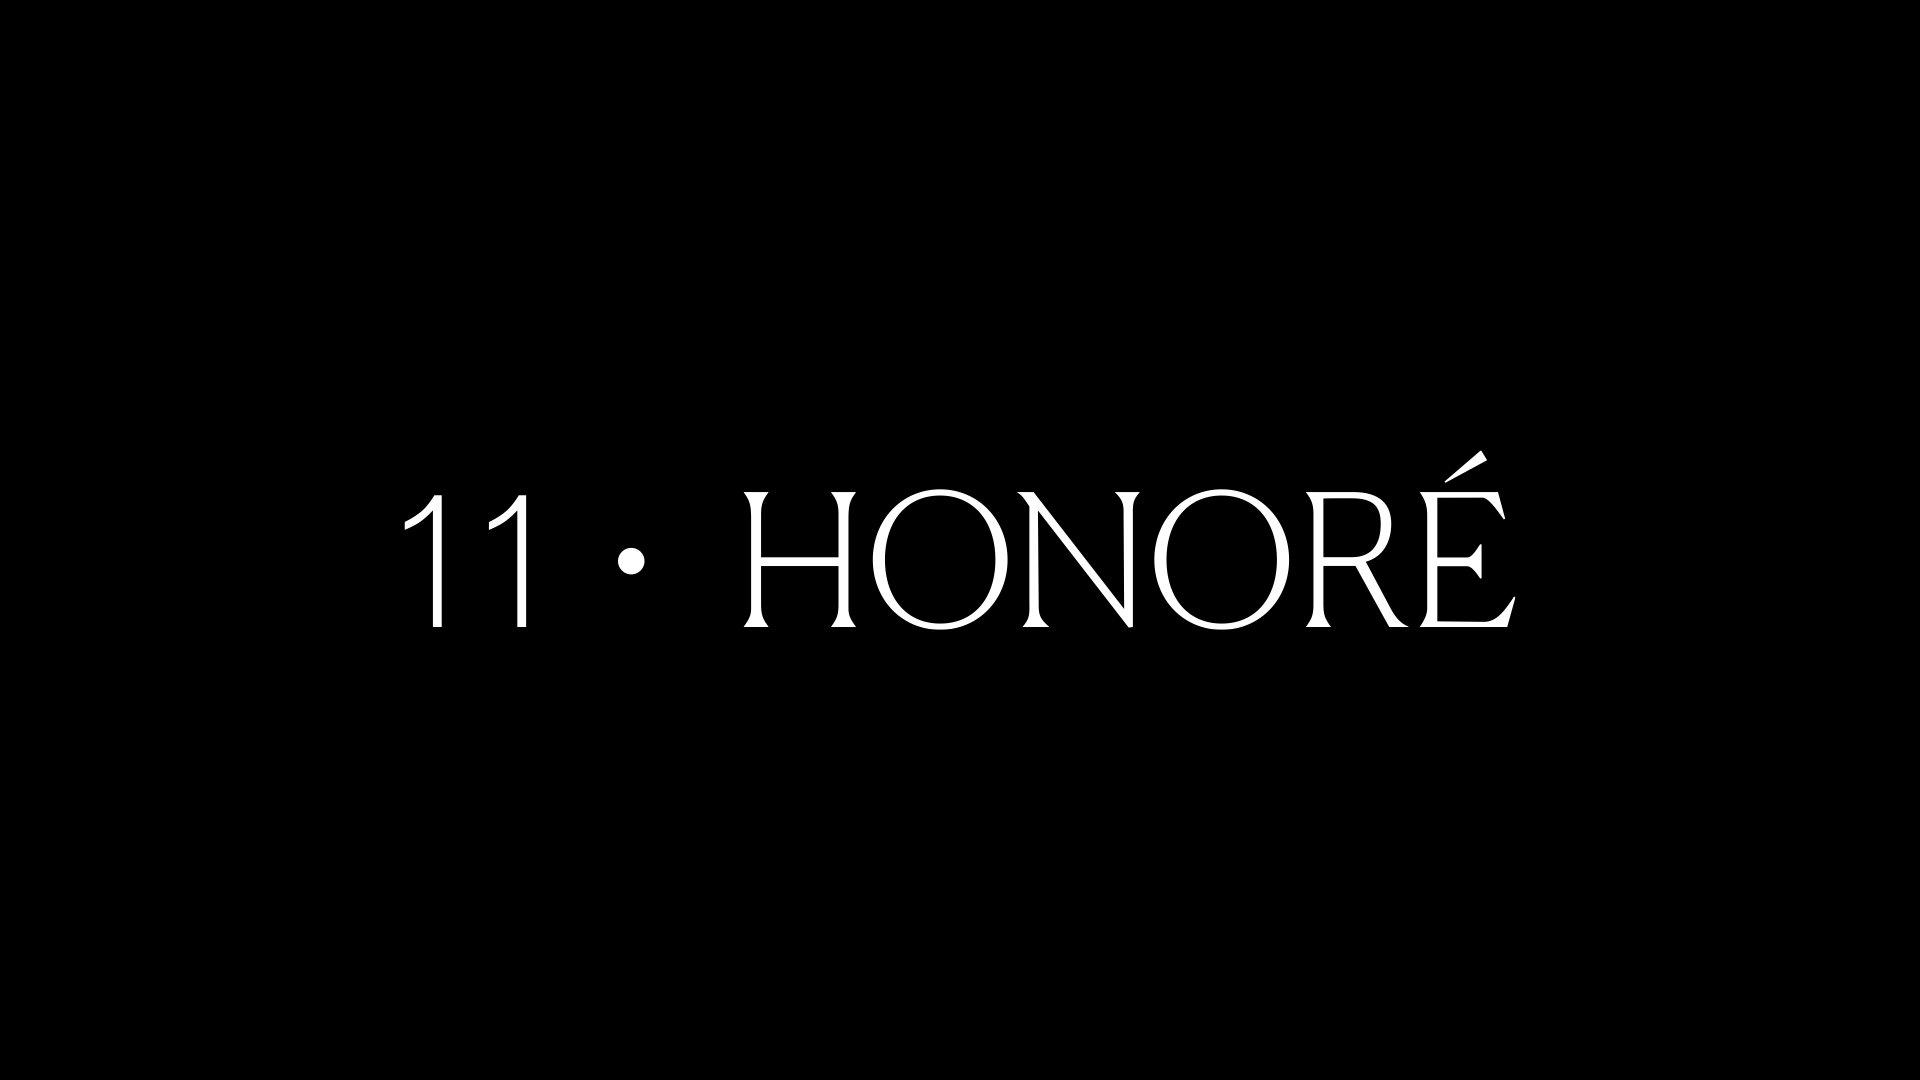 11 Honoré custom wordmark designed by RoAndCo